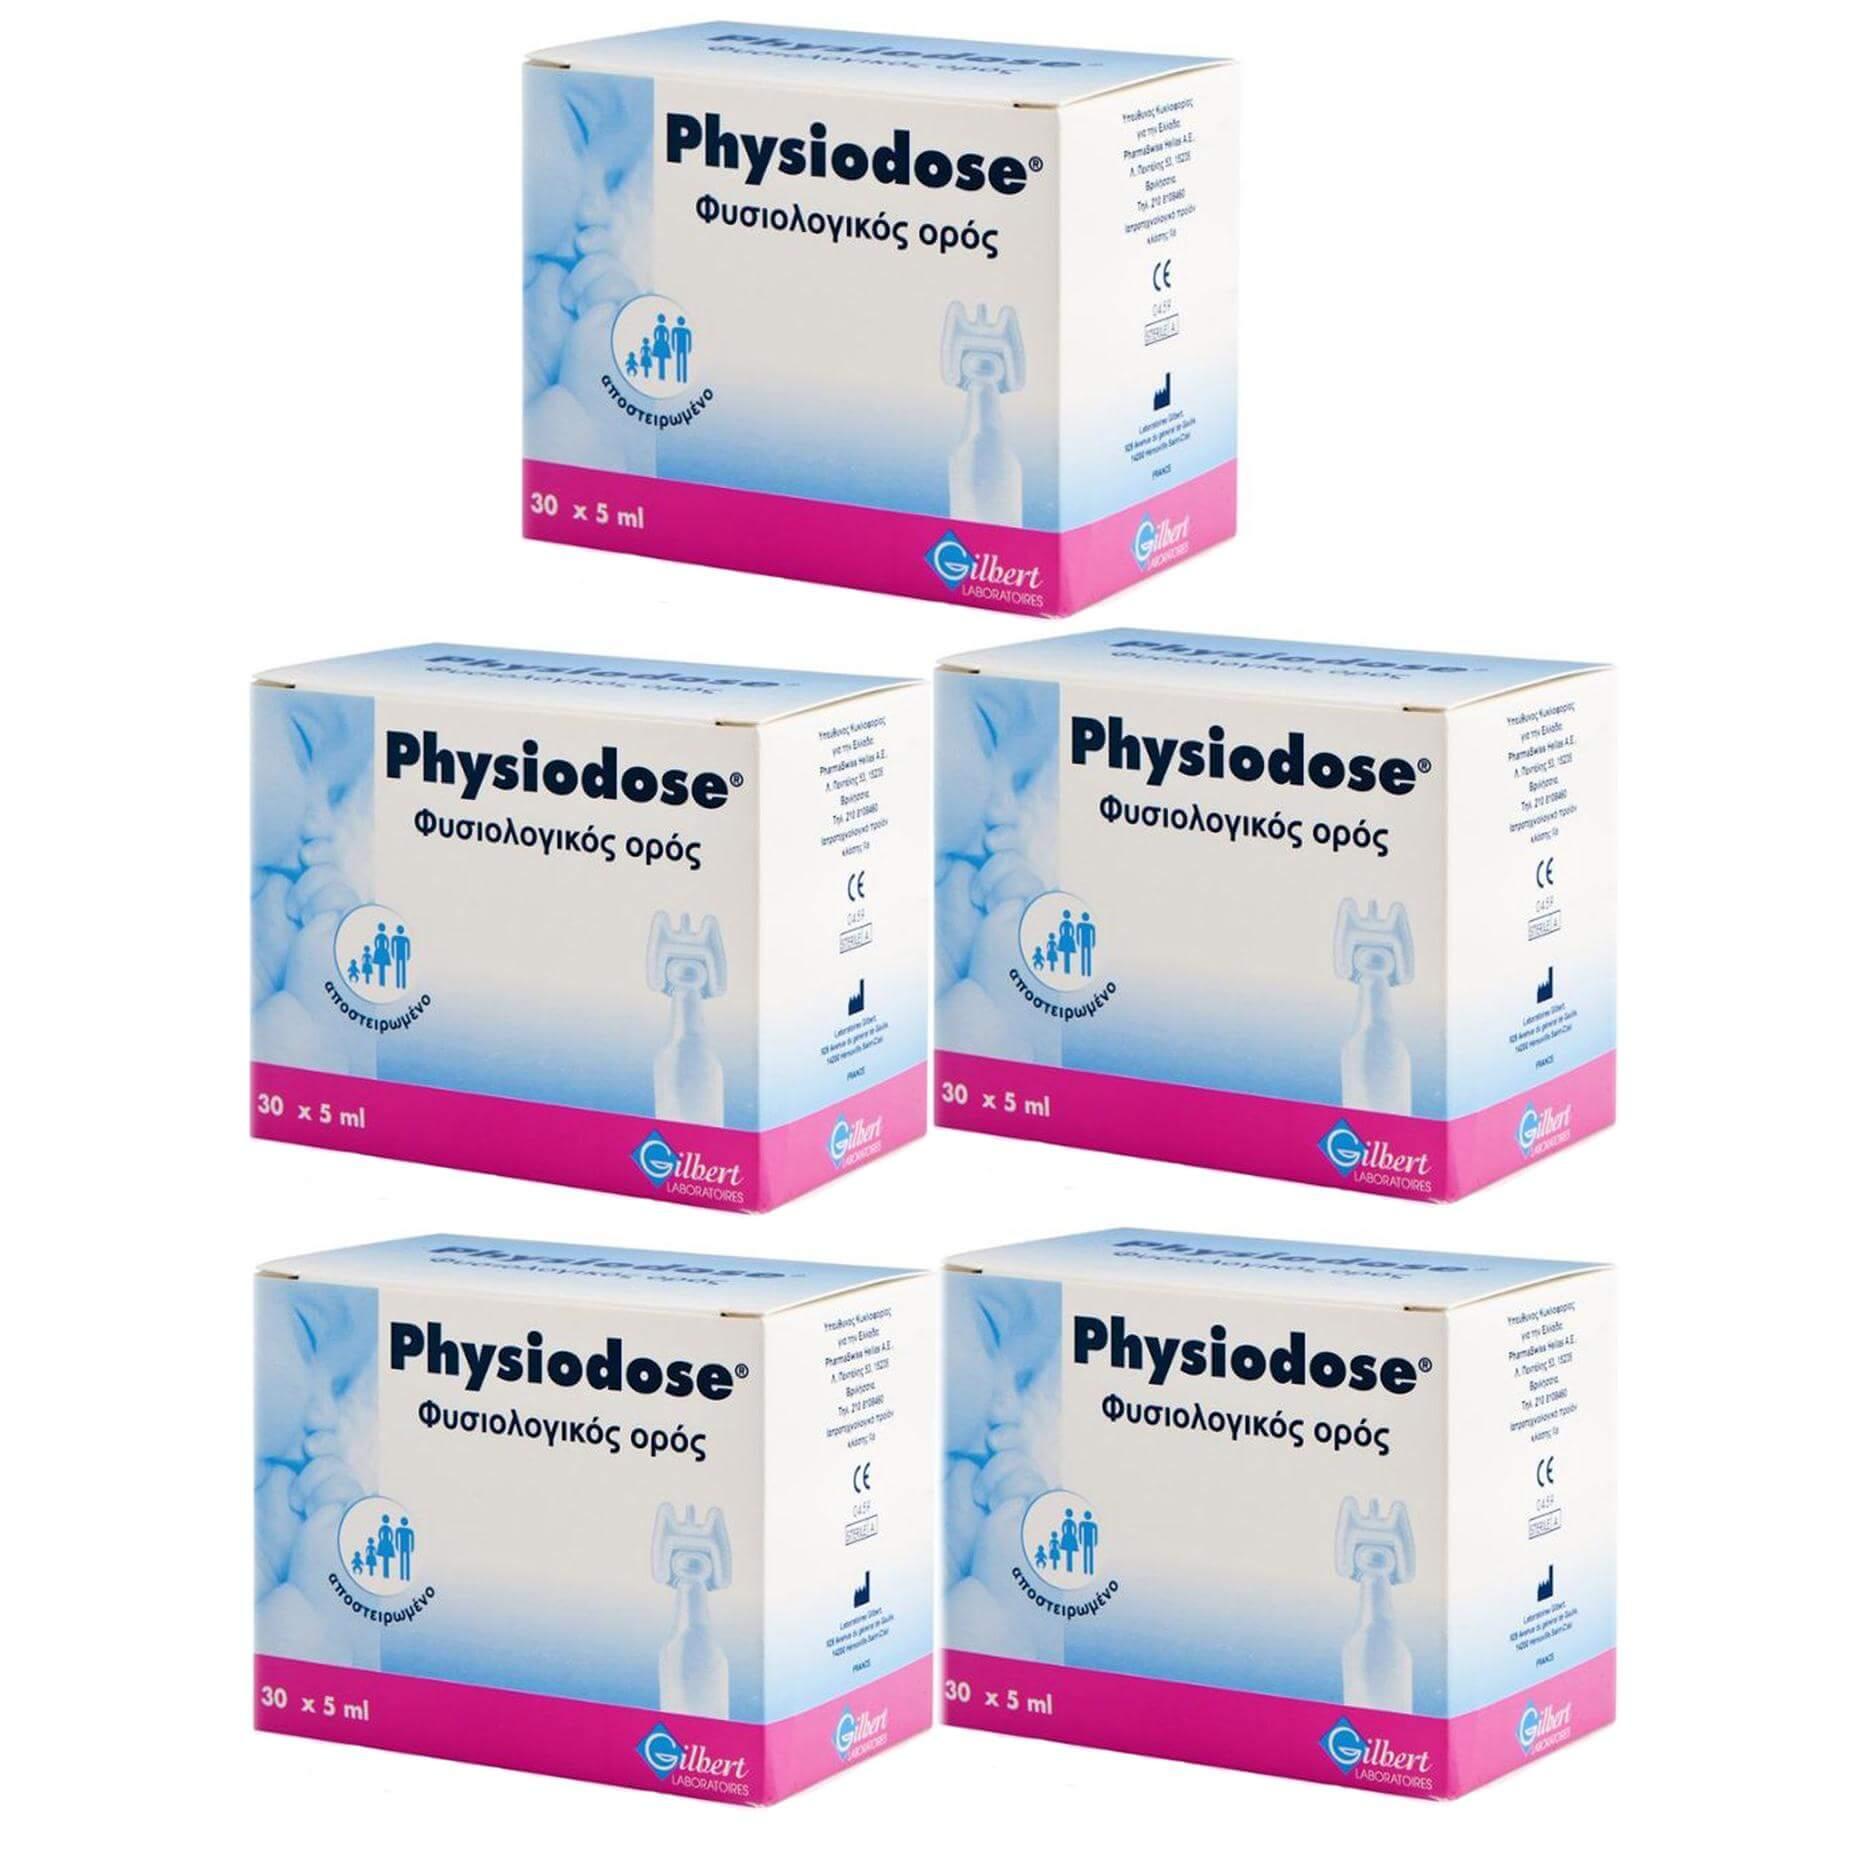 Physiodose Πακέτο Προσφοράς Στείρος Φυσιολογικός Ορός σε Αμπούλες μιας Δόσης, για τη Ρινική & Οφθαλμολογική Υγιεινή 5 x 30×5 ml